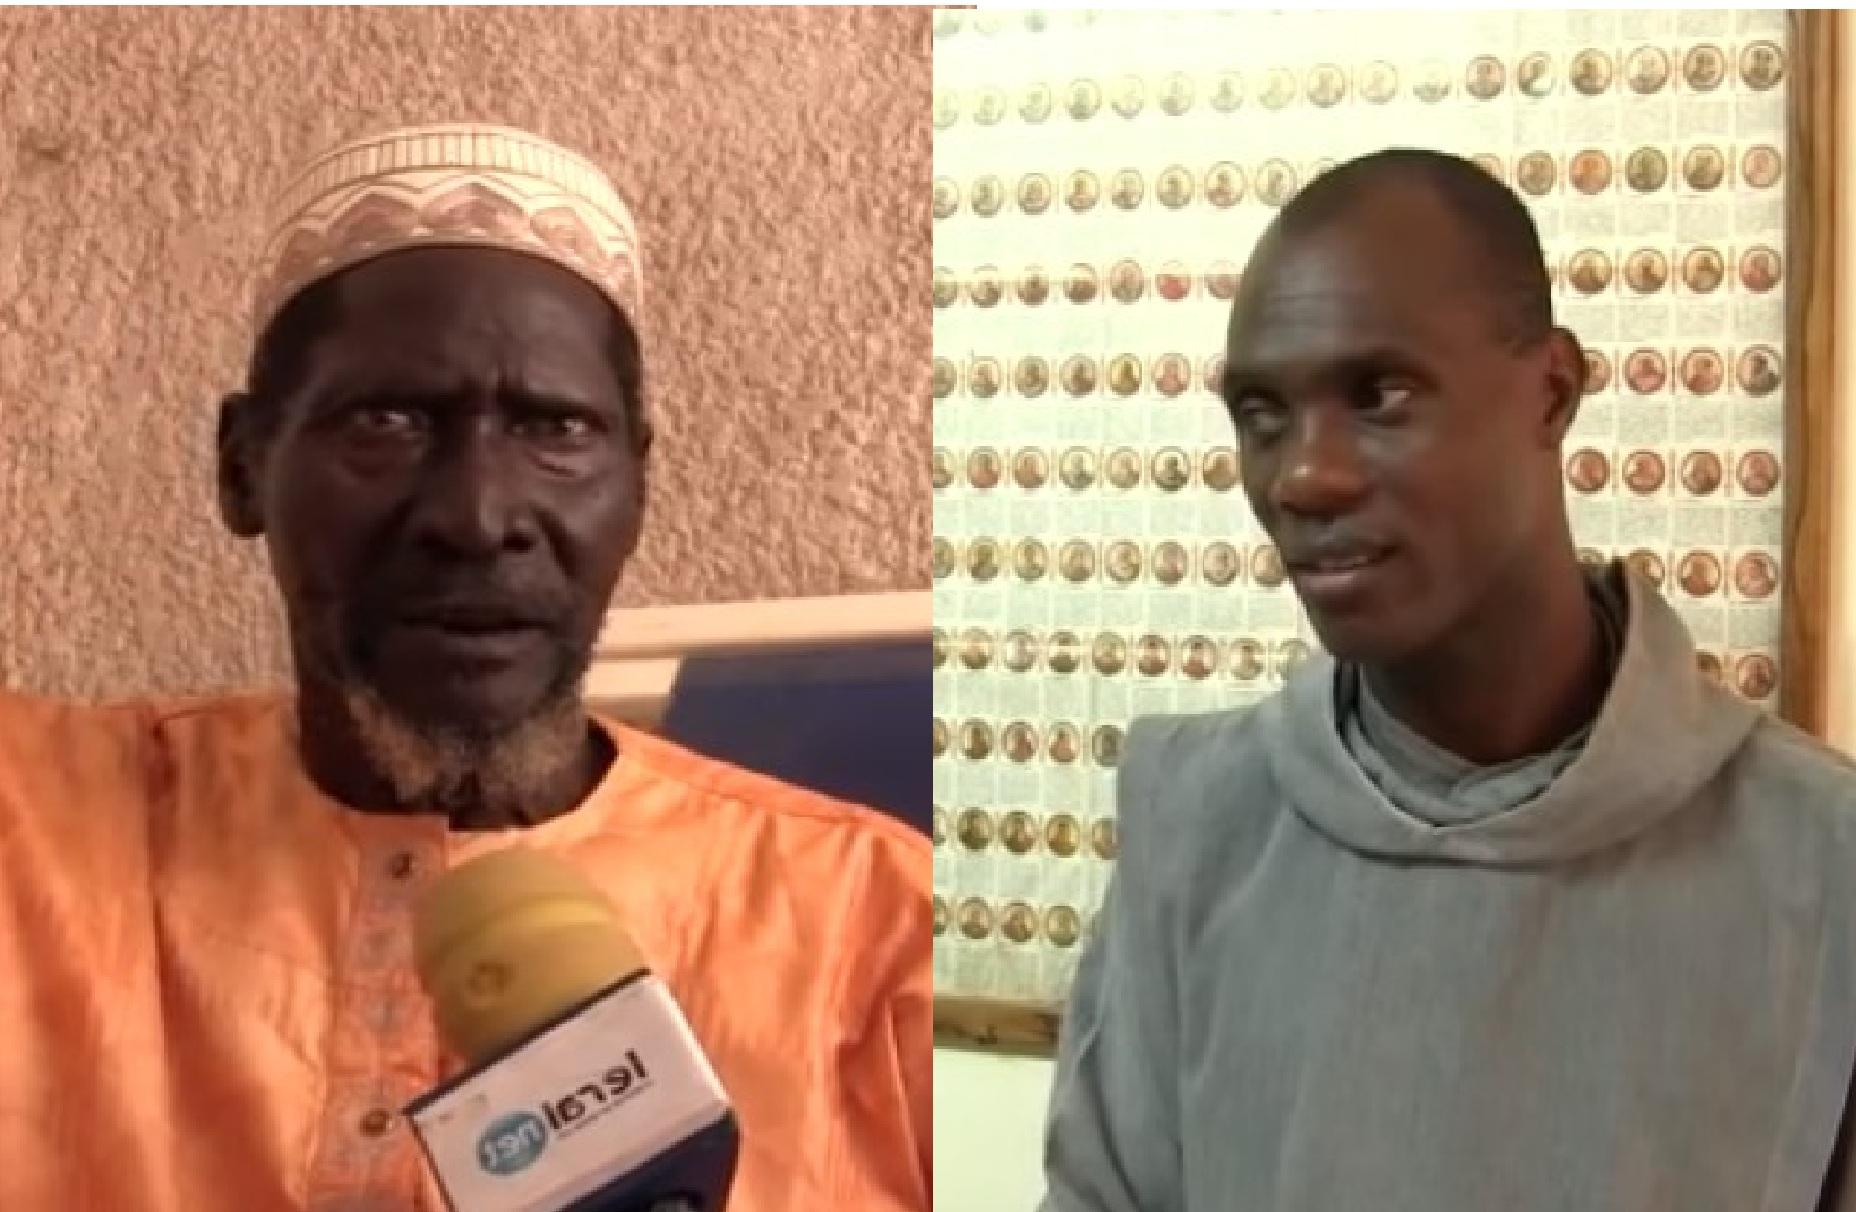 Vidéos-Popenguine: L'émouvant témoignage de l'Imam ratib et du Curé sur la Cohabitation entre musulmans et chrétiens